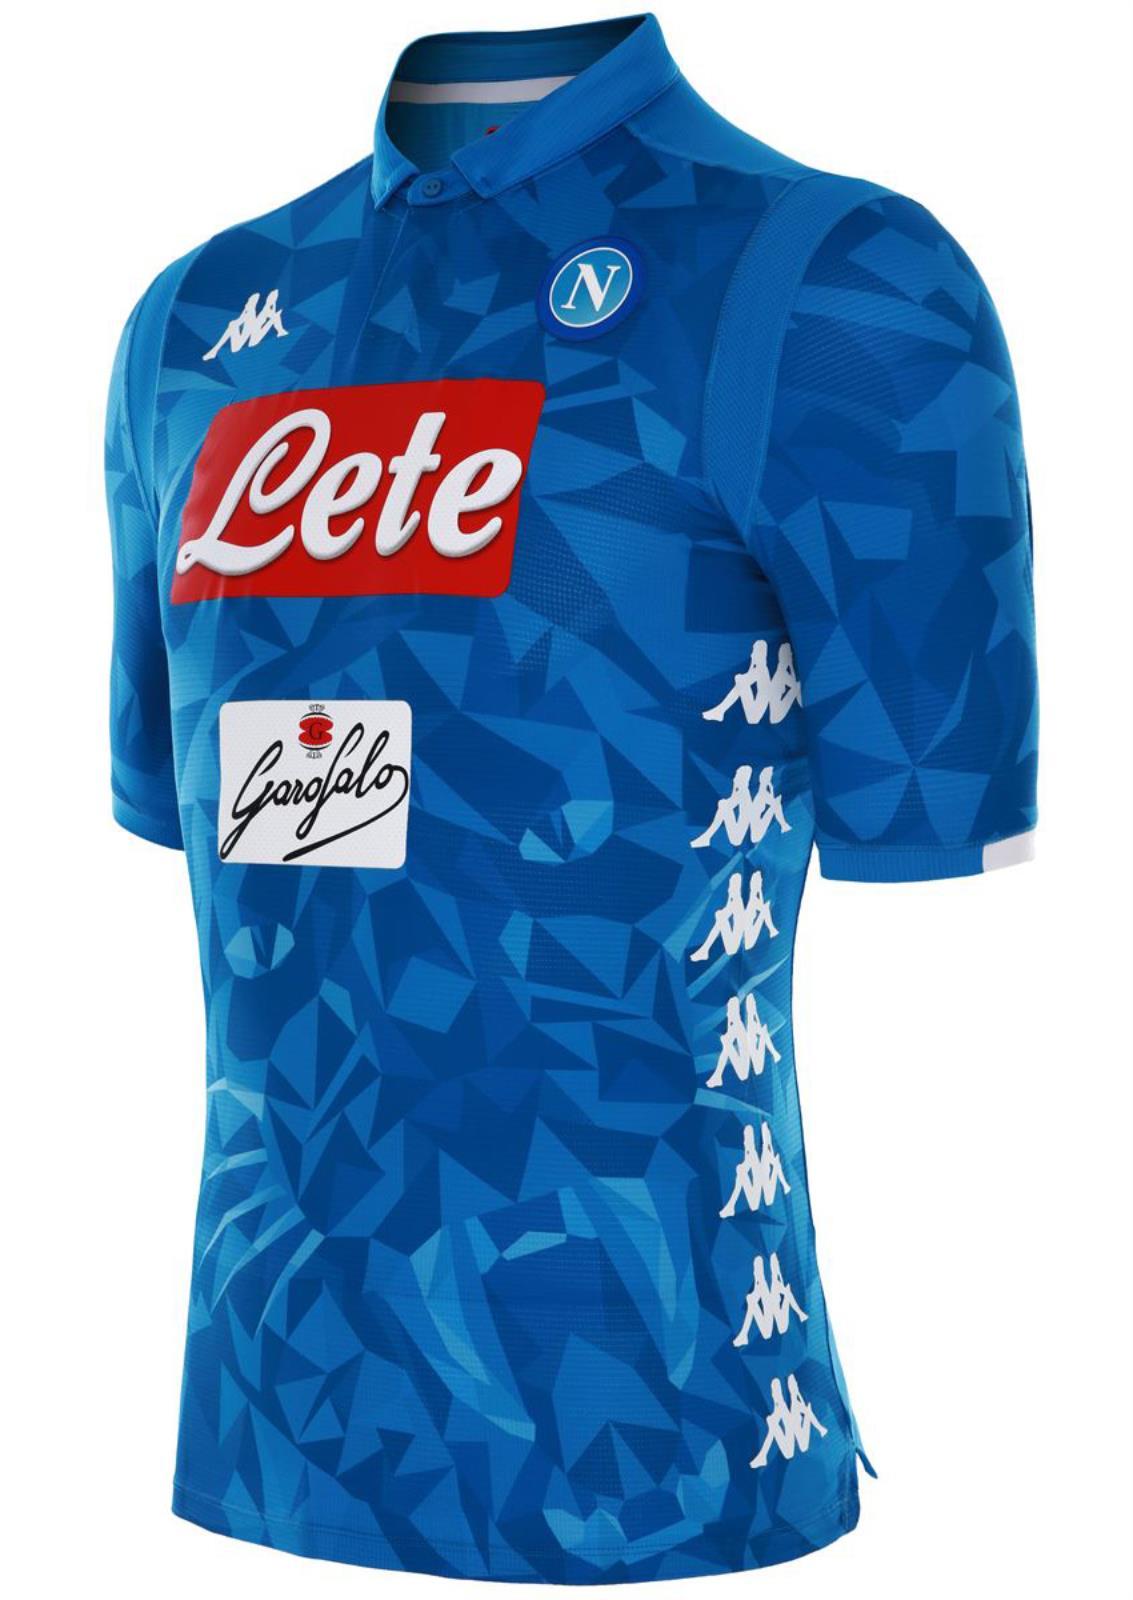 b38ad76b60e SSC Napoli Naples Kappa Kombat Jersey Shirt Top Match issue Blue ...